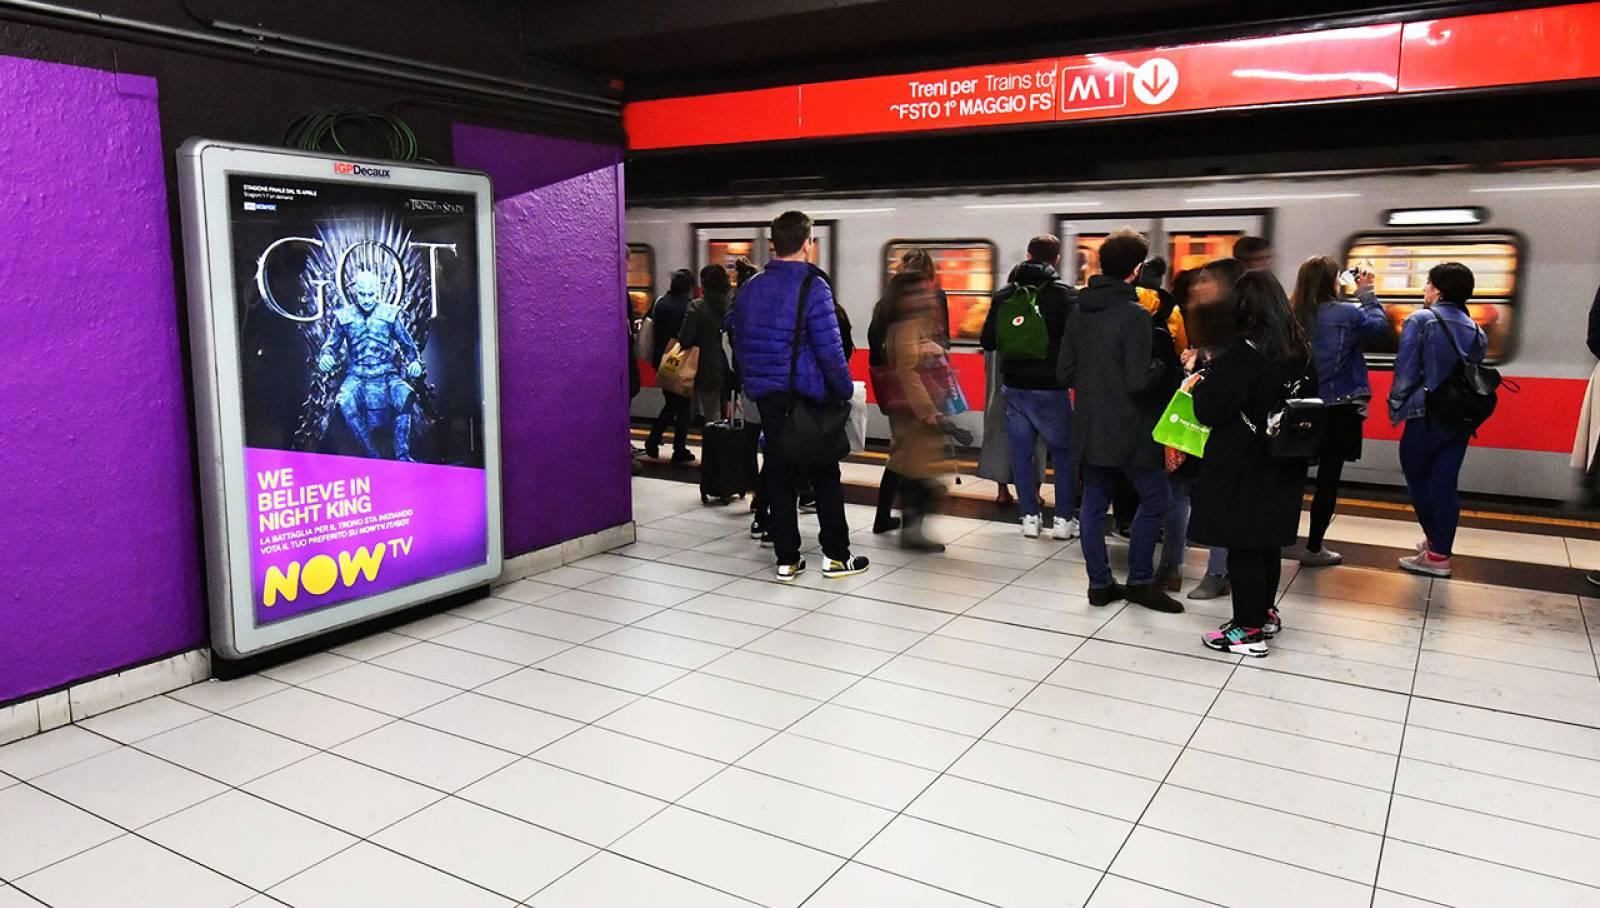 IGPDecaux Milano Station Domination per il Trono di Spade Now TV